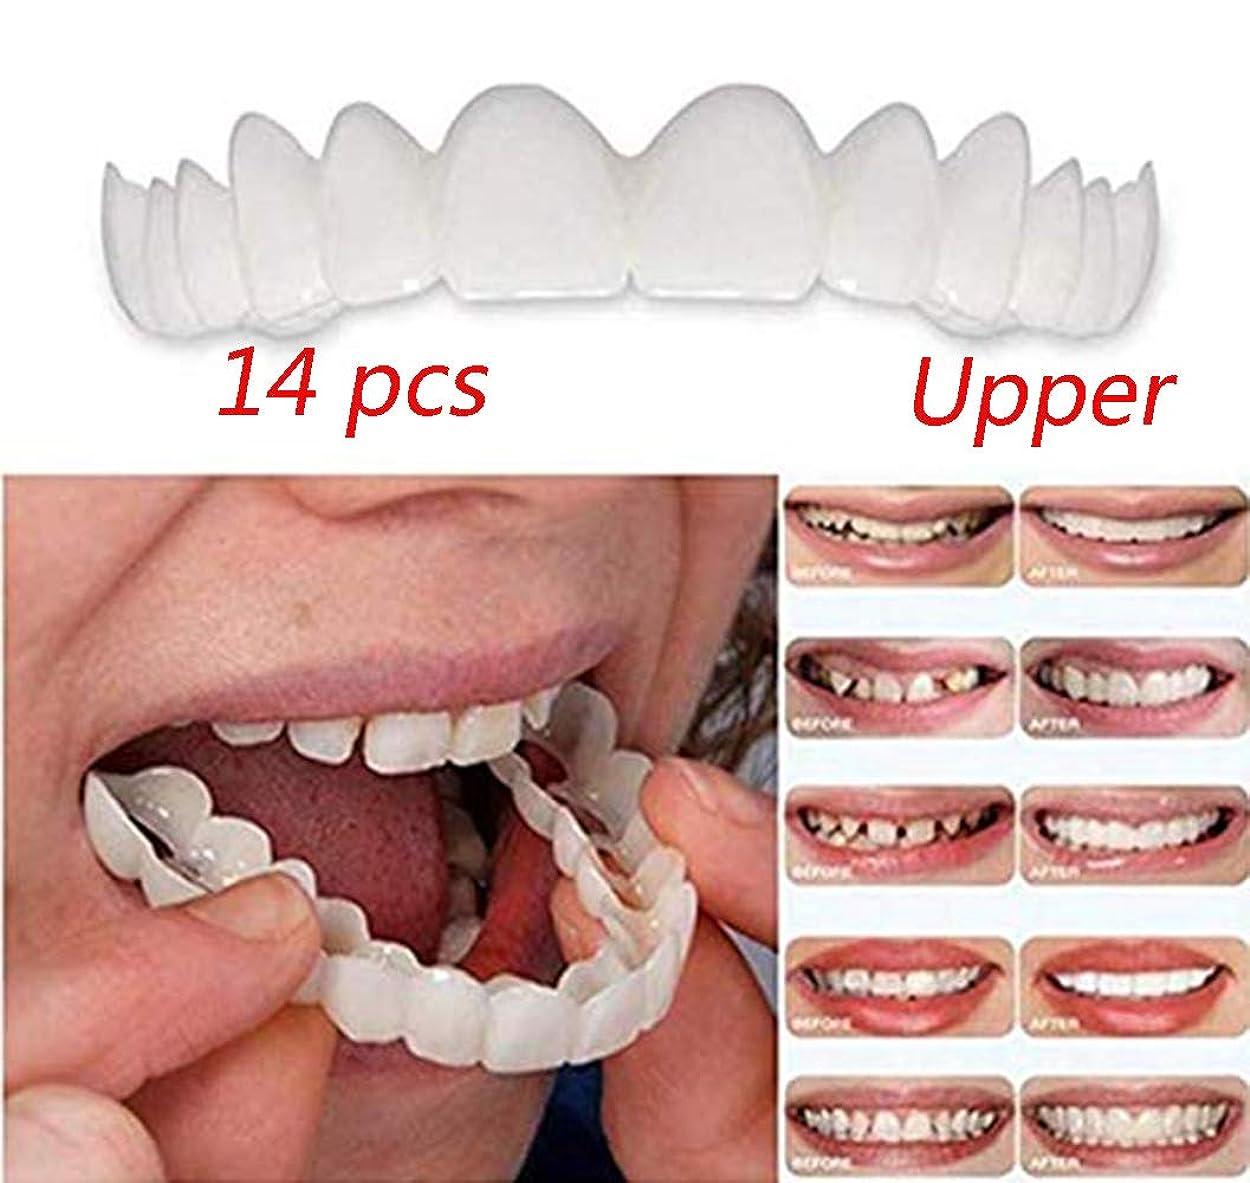 便利バンク防水偽の歯のトップ14個の一時的な化粧品の歯のベニヤ歯のトップの化粧品のベニヤワンサイズは男性と女性のための矯正